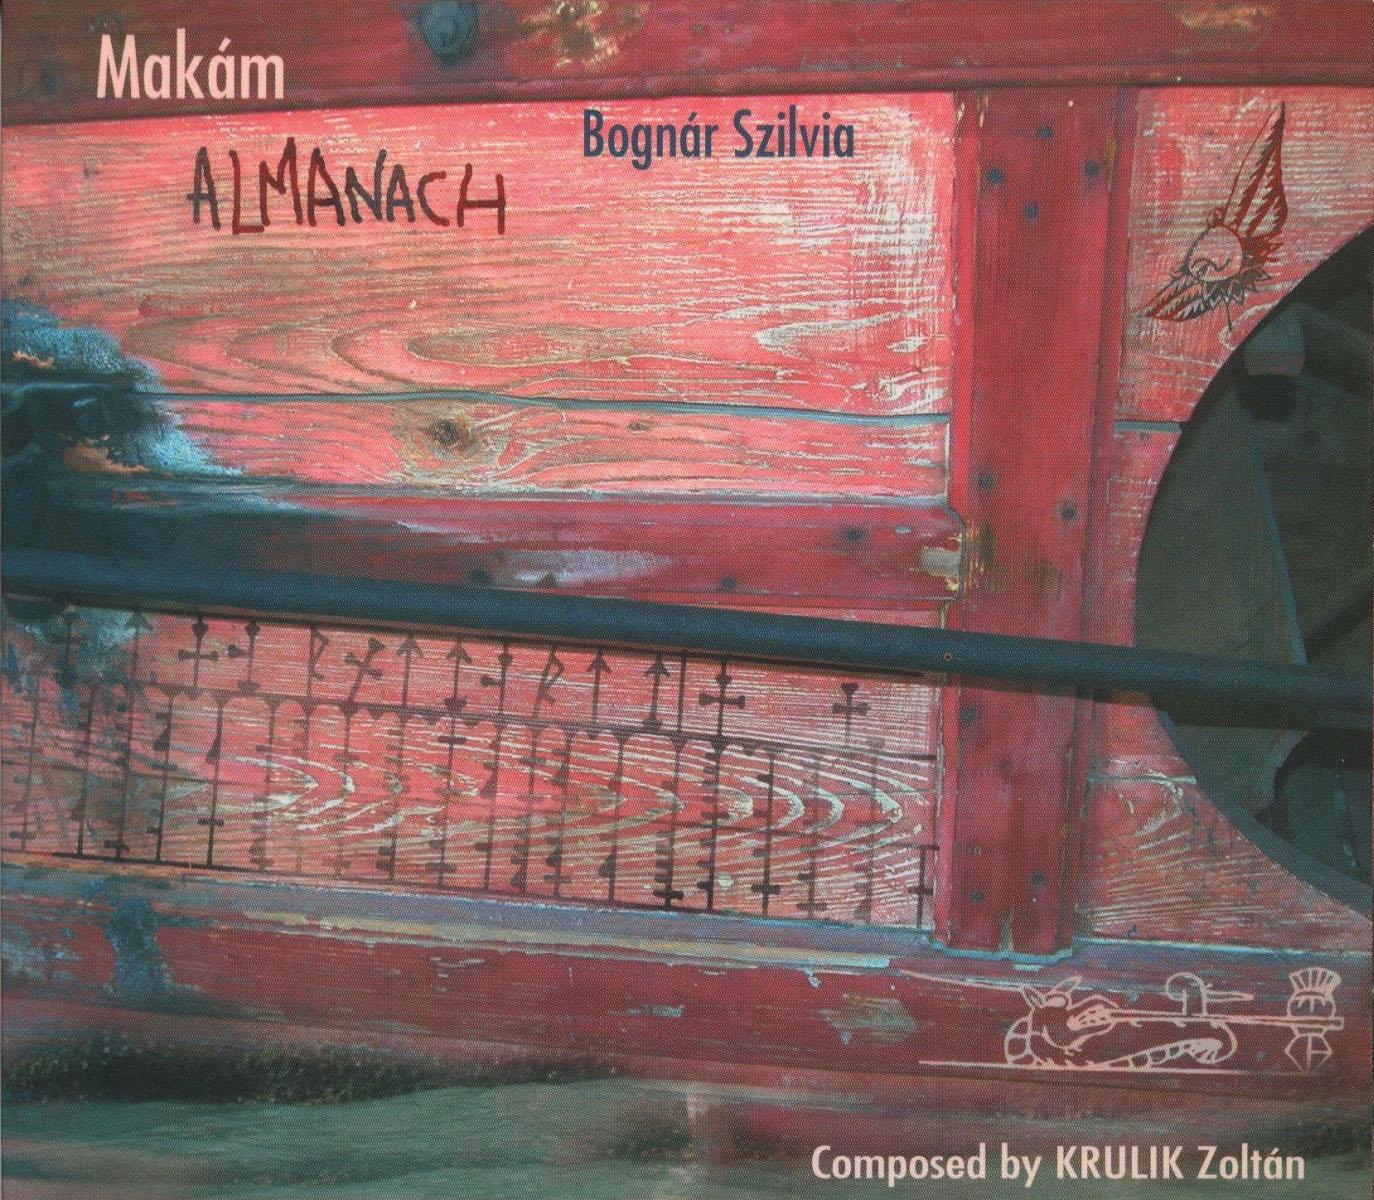 Makám - Bognár Szilvia